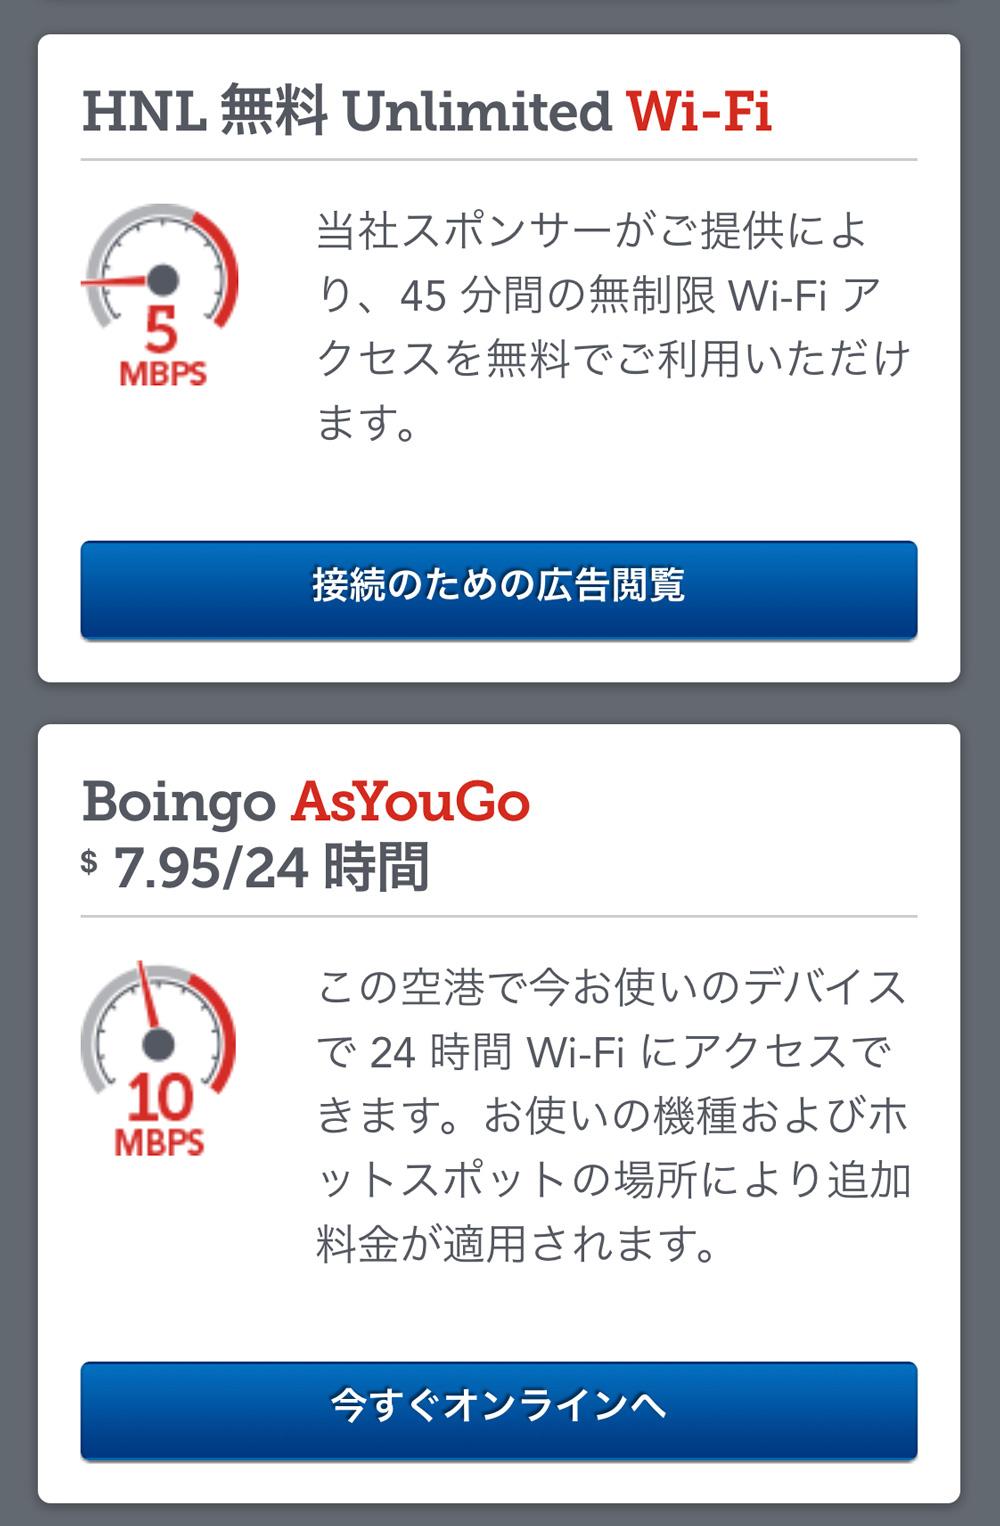 LaniLani_空港Wi-Fi_002